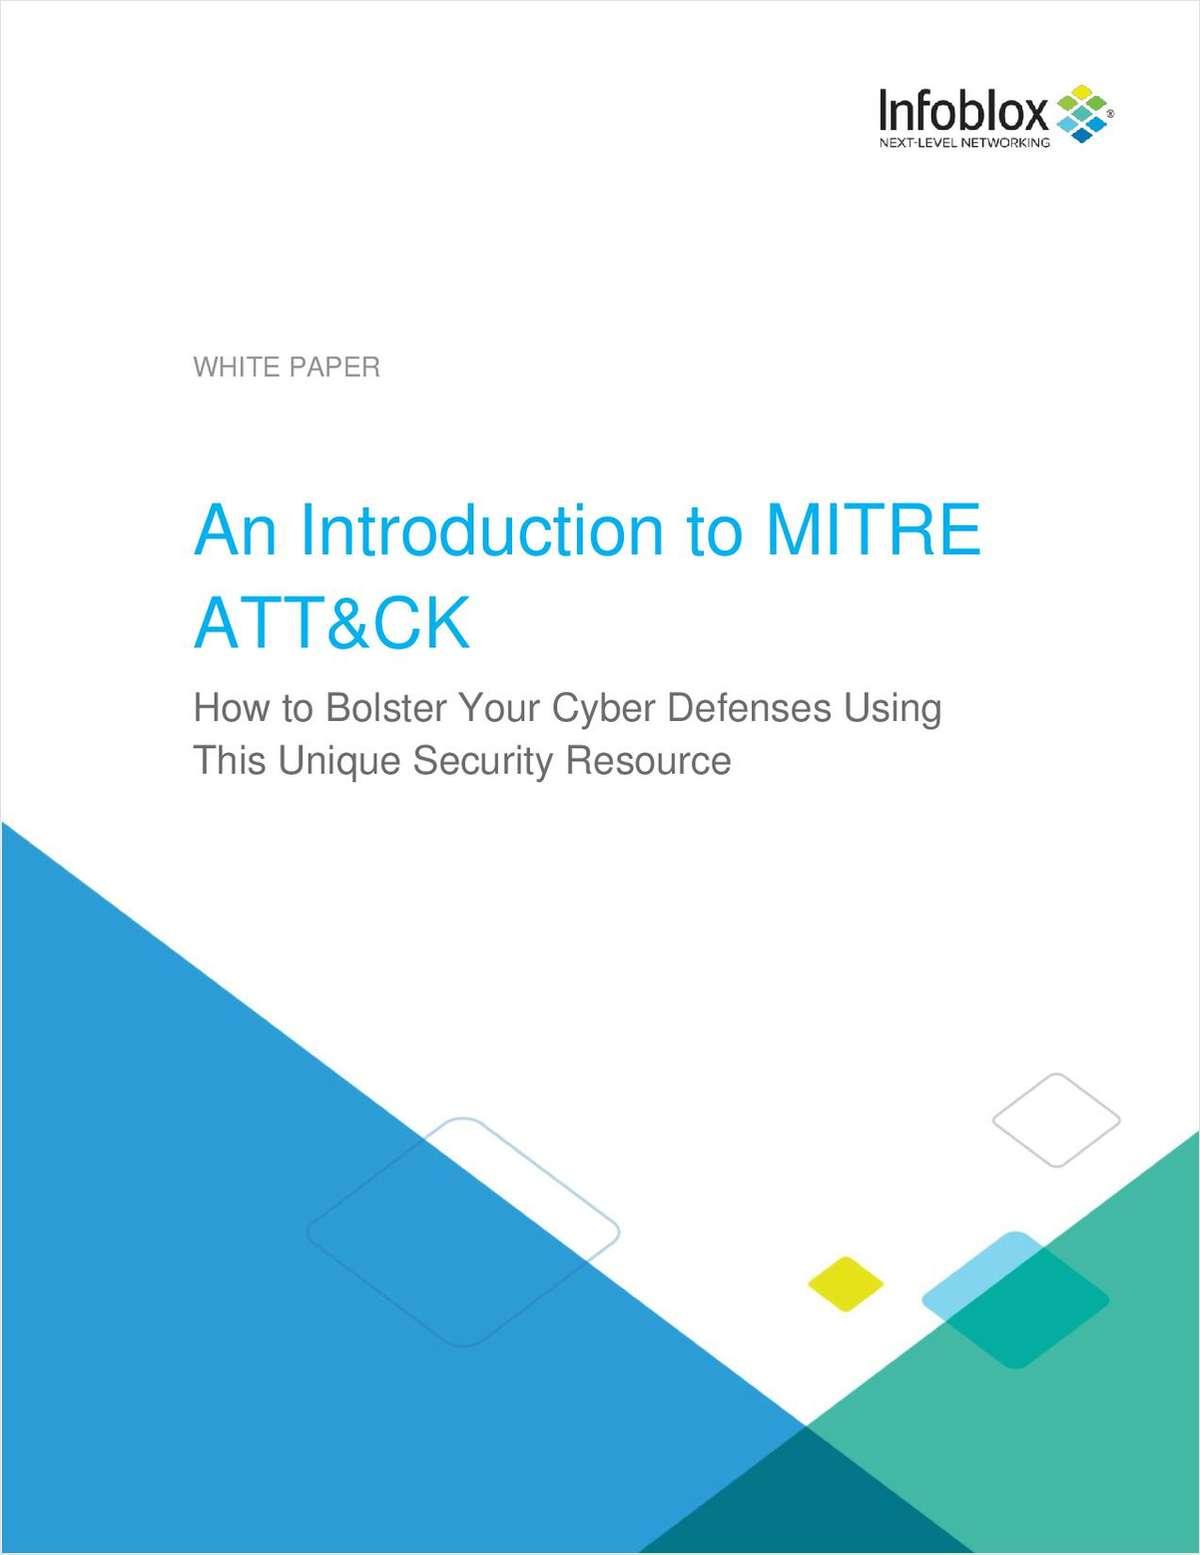 An Introduction to MITRE ATT&CK